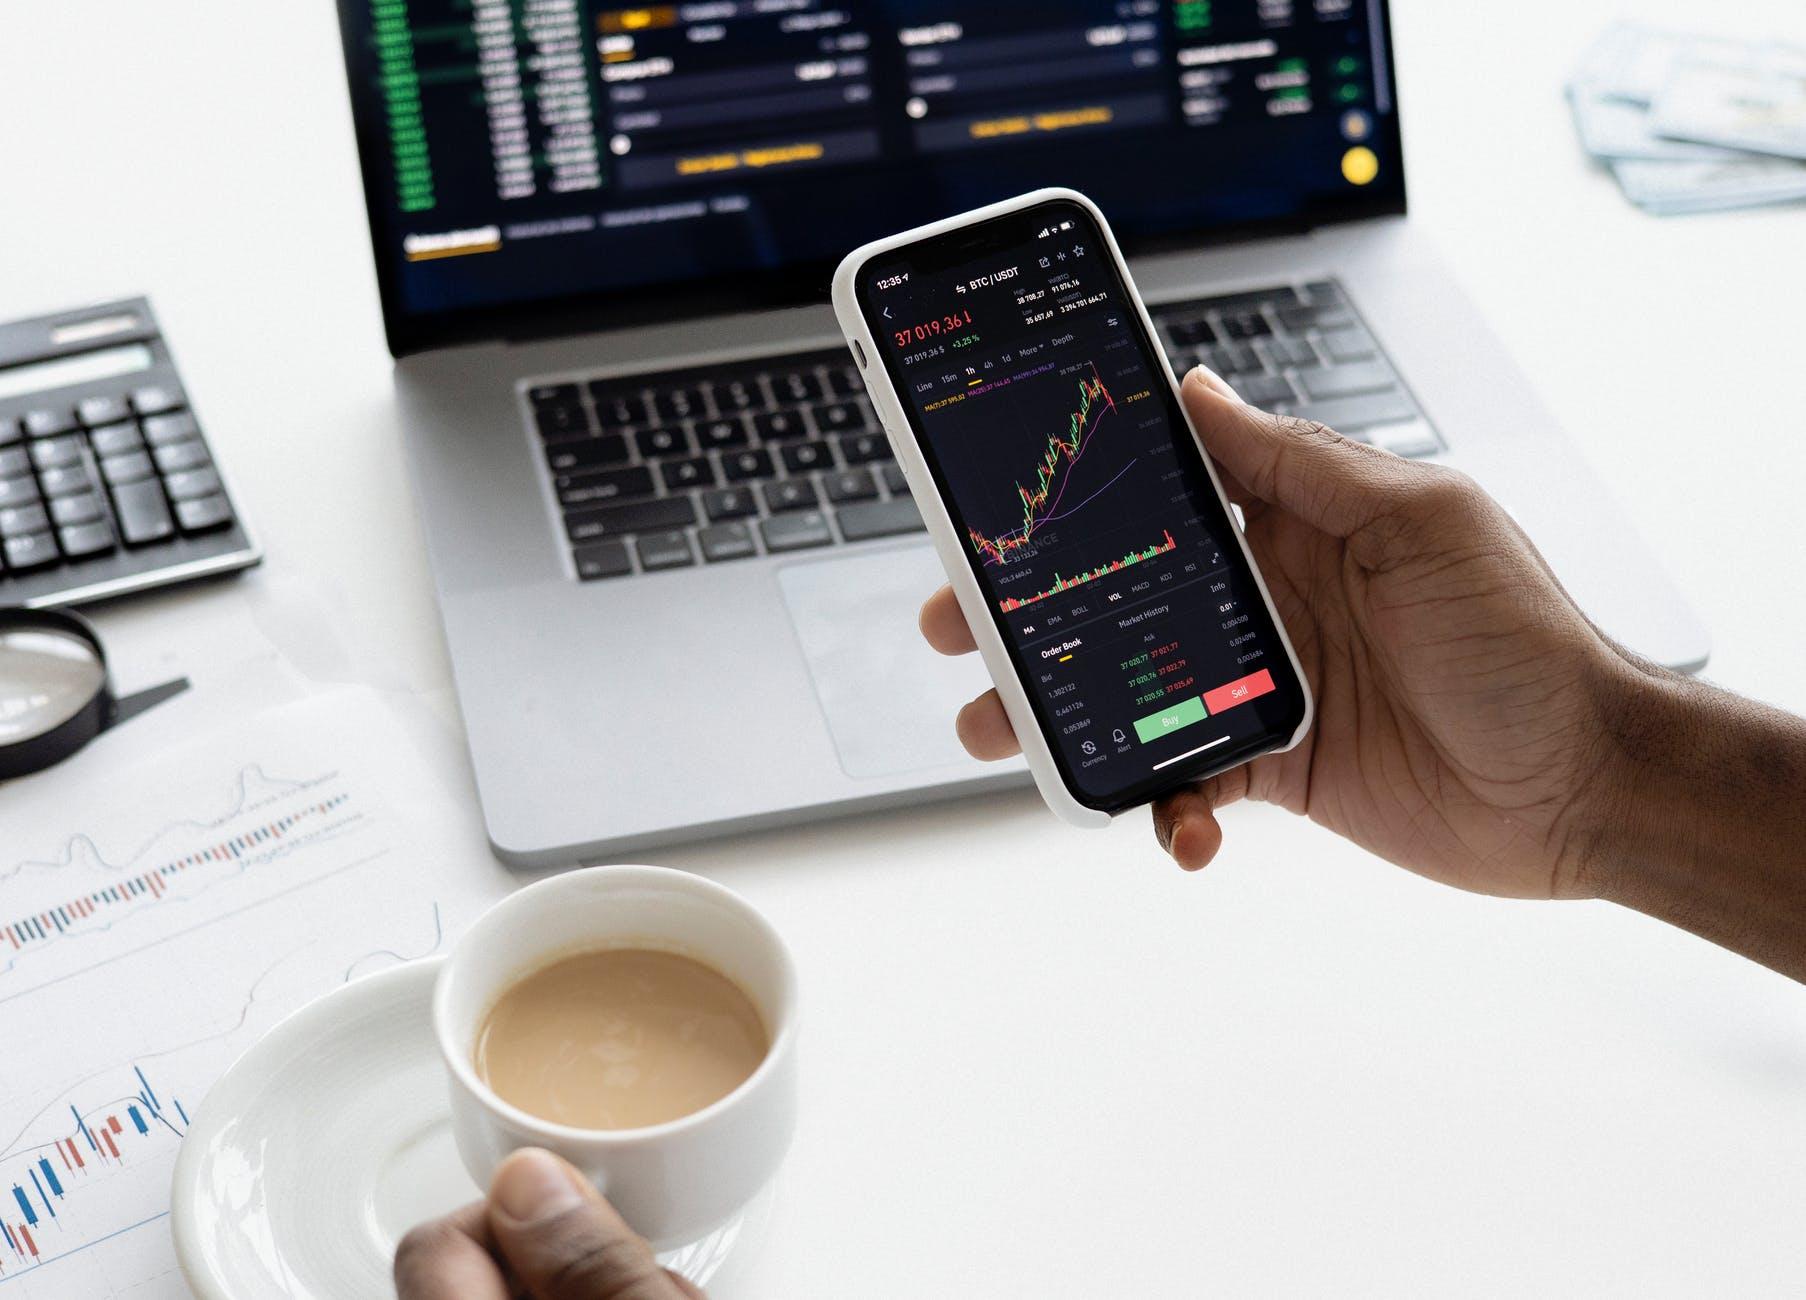 ¿Por qué y cuándo los bancos deberían contactar a sus clientes mediante mensajería instantánea?